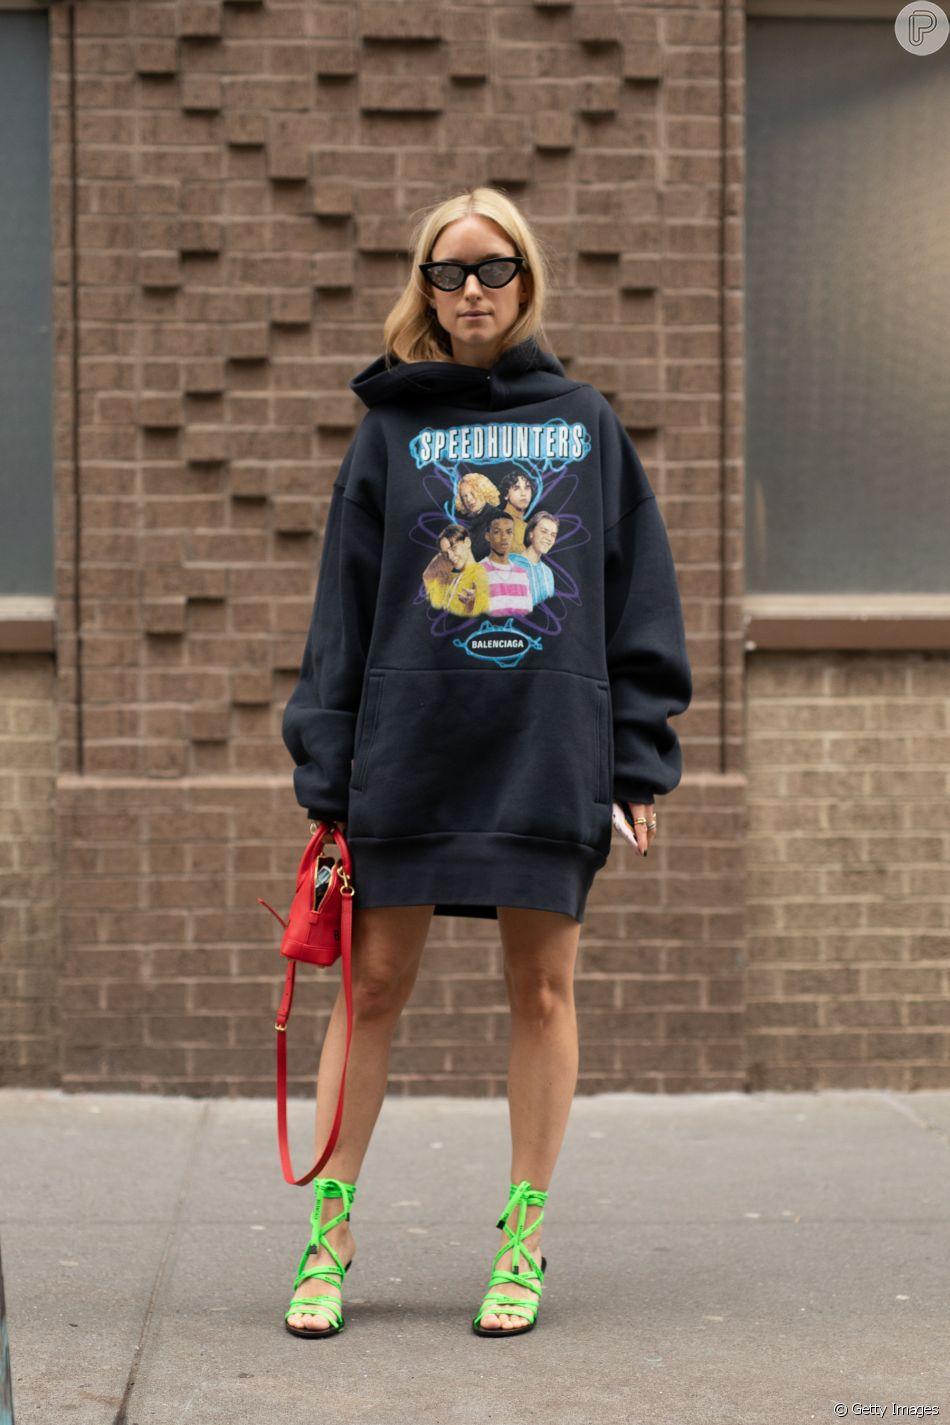 Tendências de moda de Nova York: moletom oversized + bolsa e sandália de tiras em cores vibrantes - tudo Balenciaga.